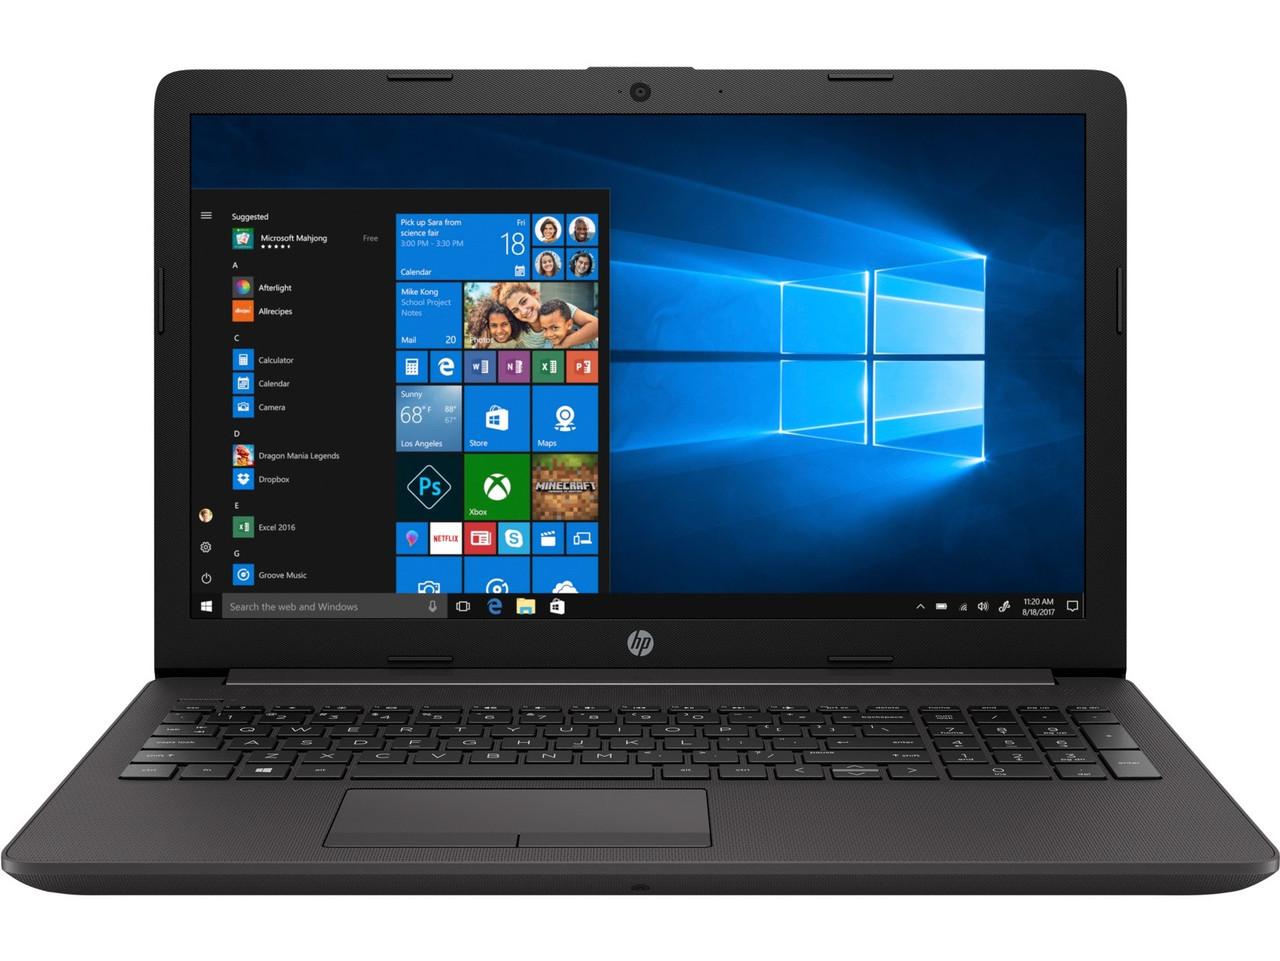 """Ноутбук HP 250 G7 (6MS19EA); 15.6"""" FullHD (1920x1080) TN LED матовый / Intel Core i3-7020U (2.3 ГГц) / RAM 4 ГБ / SSD 128 ГБ / nVidia GeForce MX110, 2"""